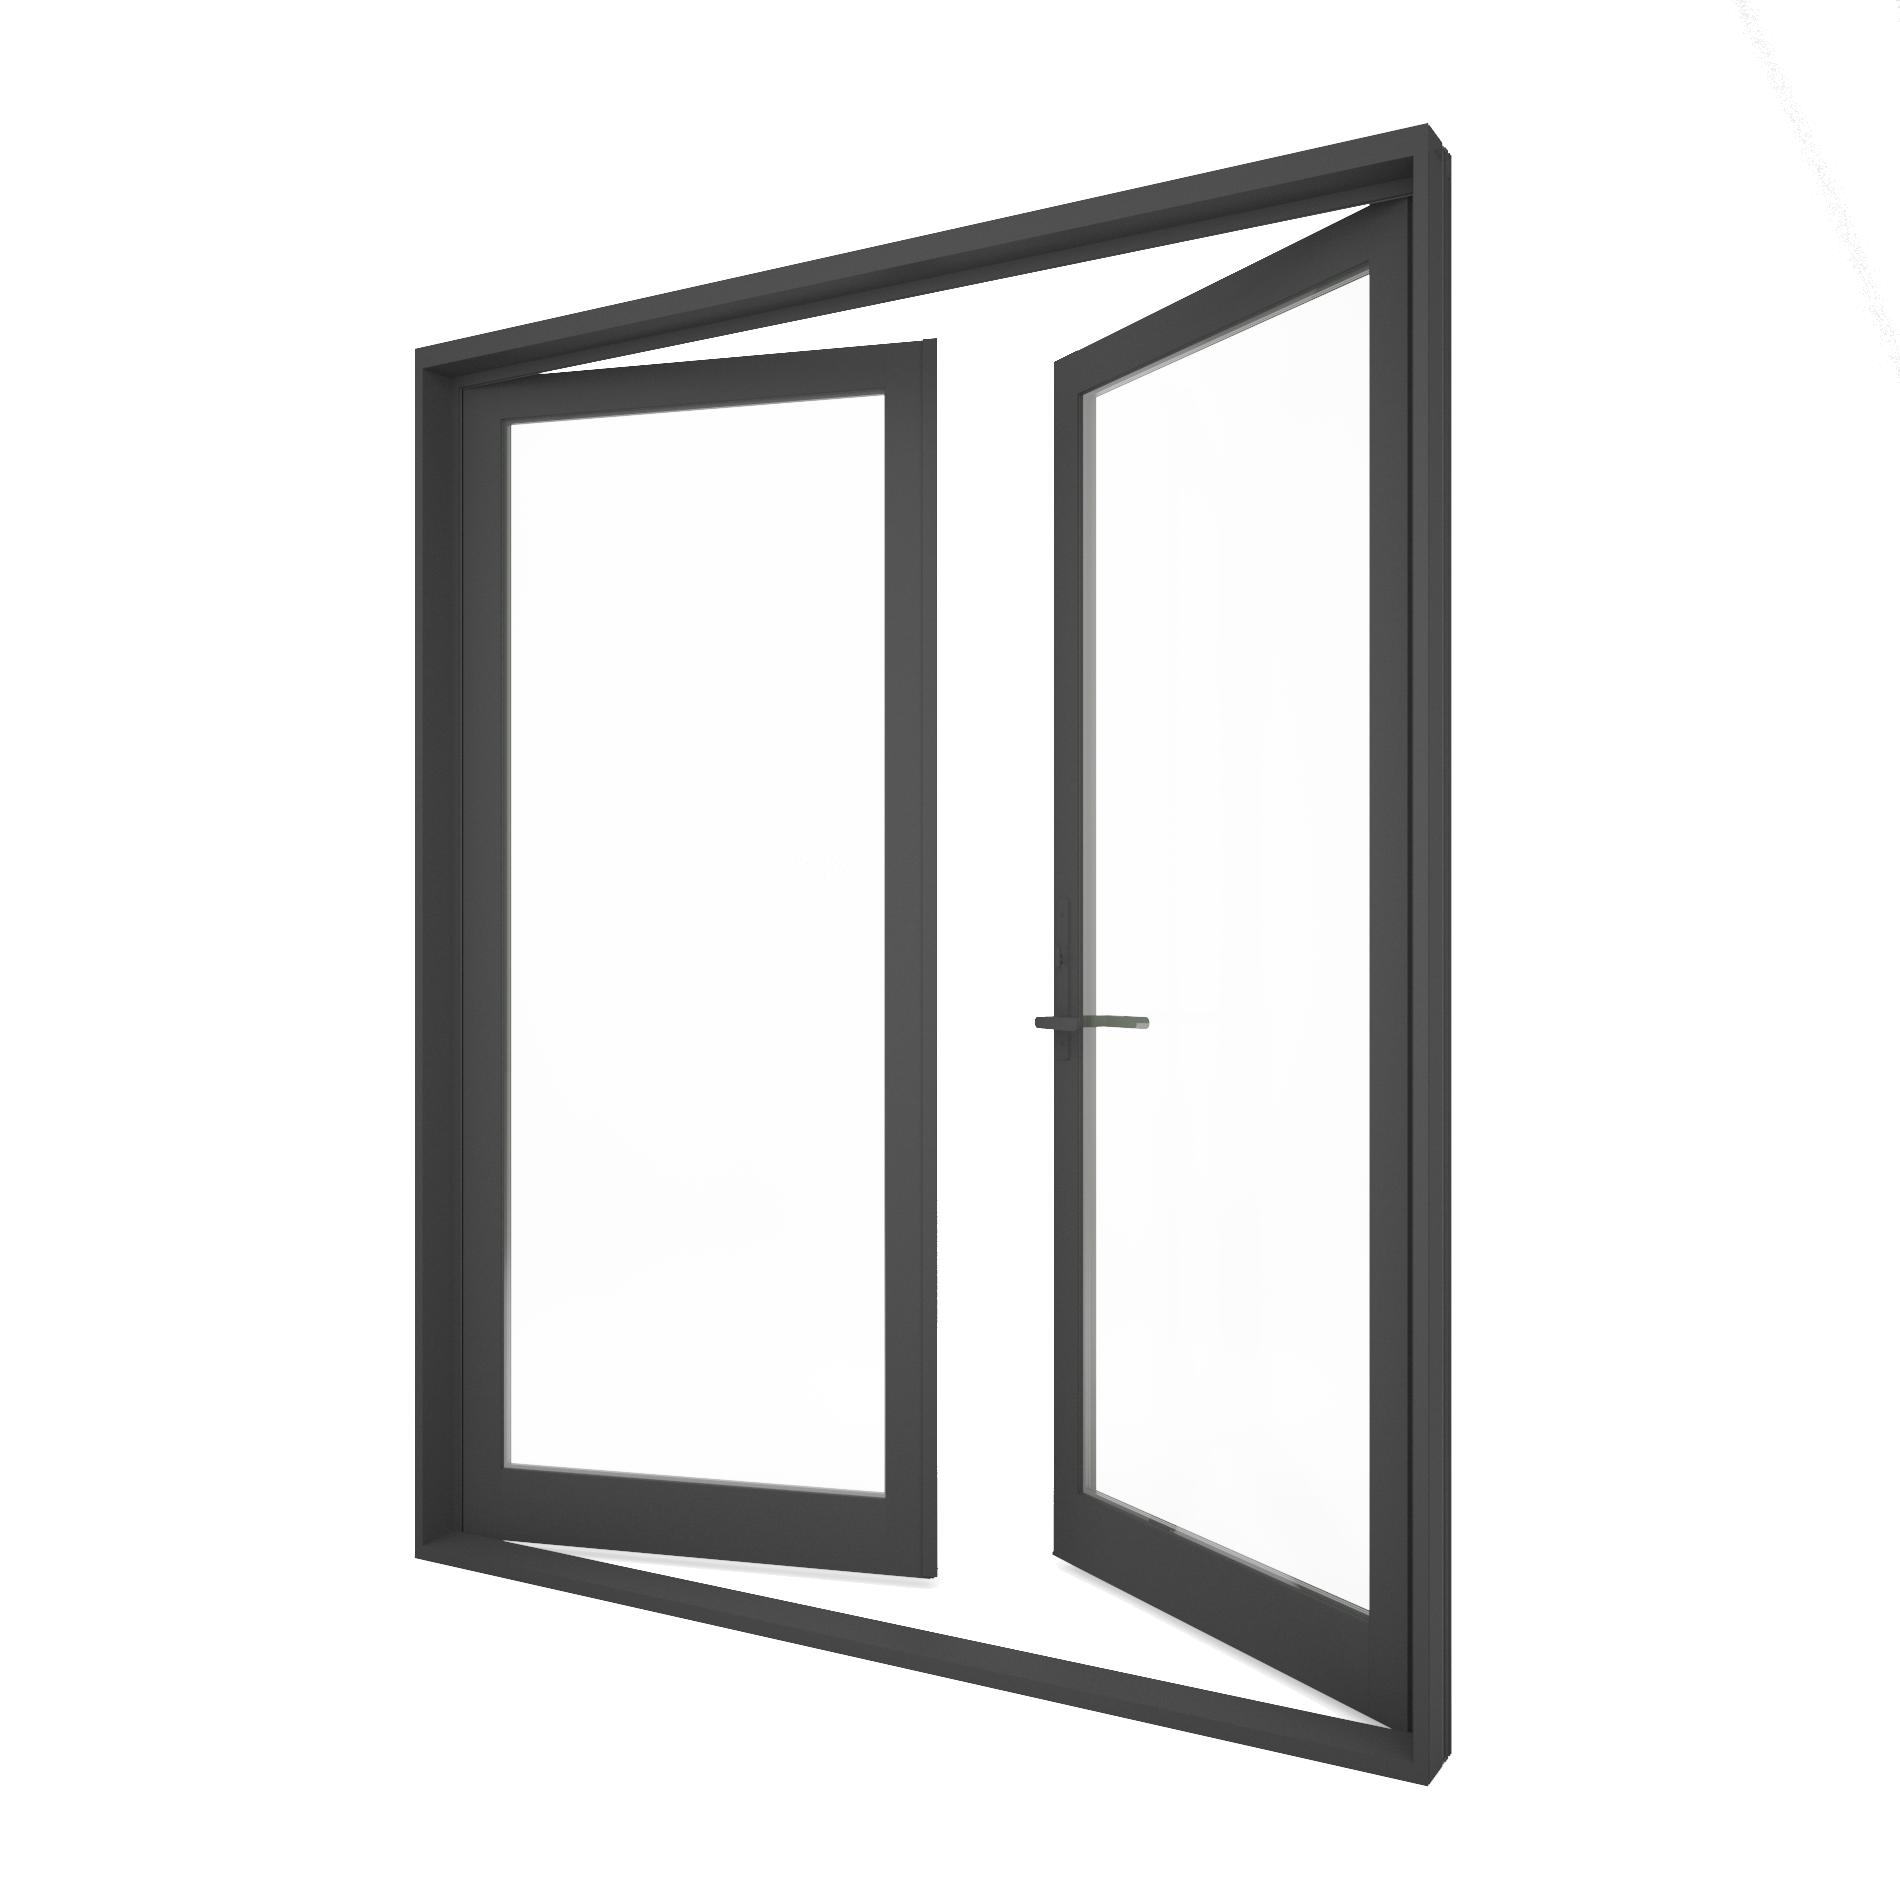 OD DOUBLE DOOR_G-inside open_120519 cut.